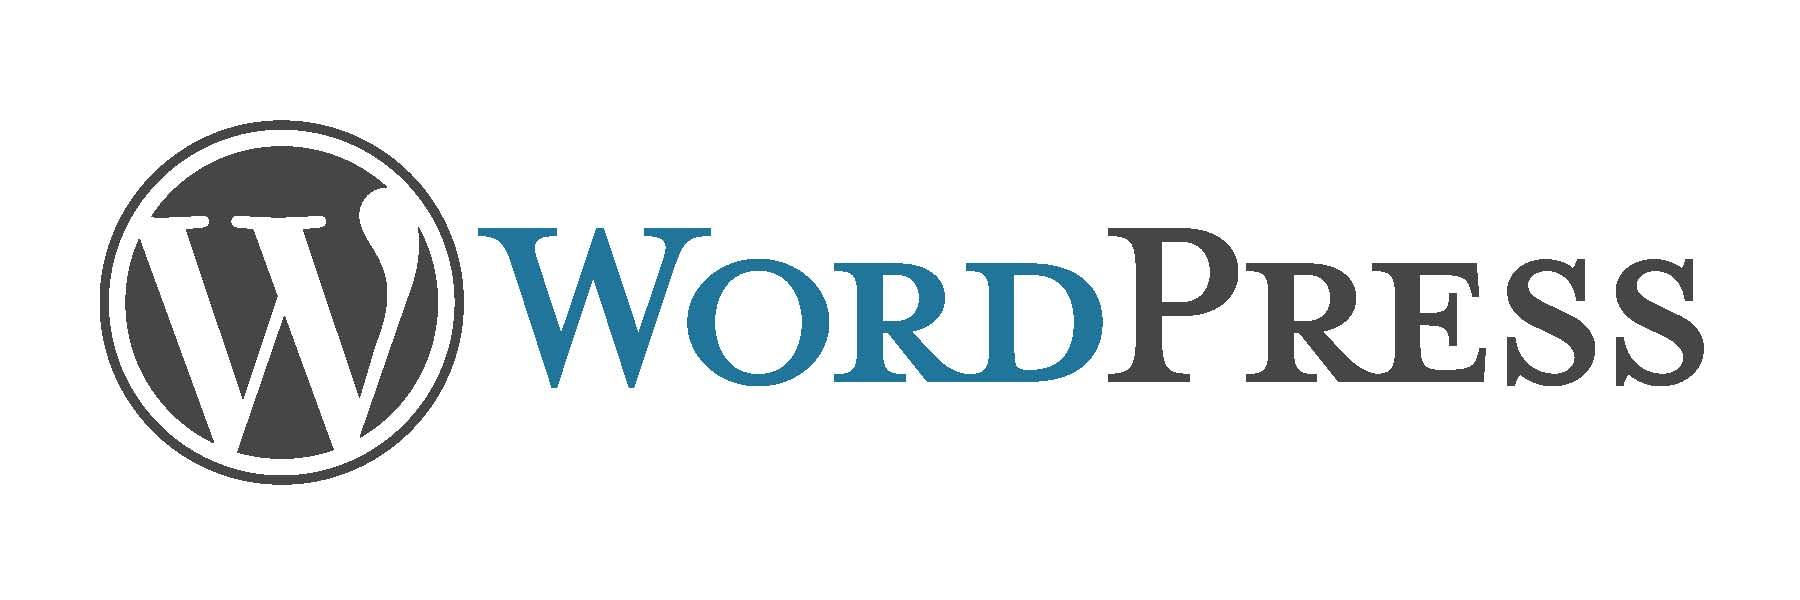 image of wordpress logo